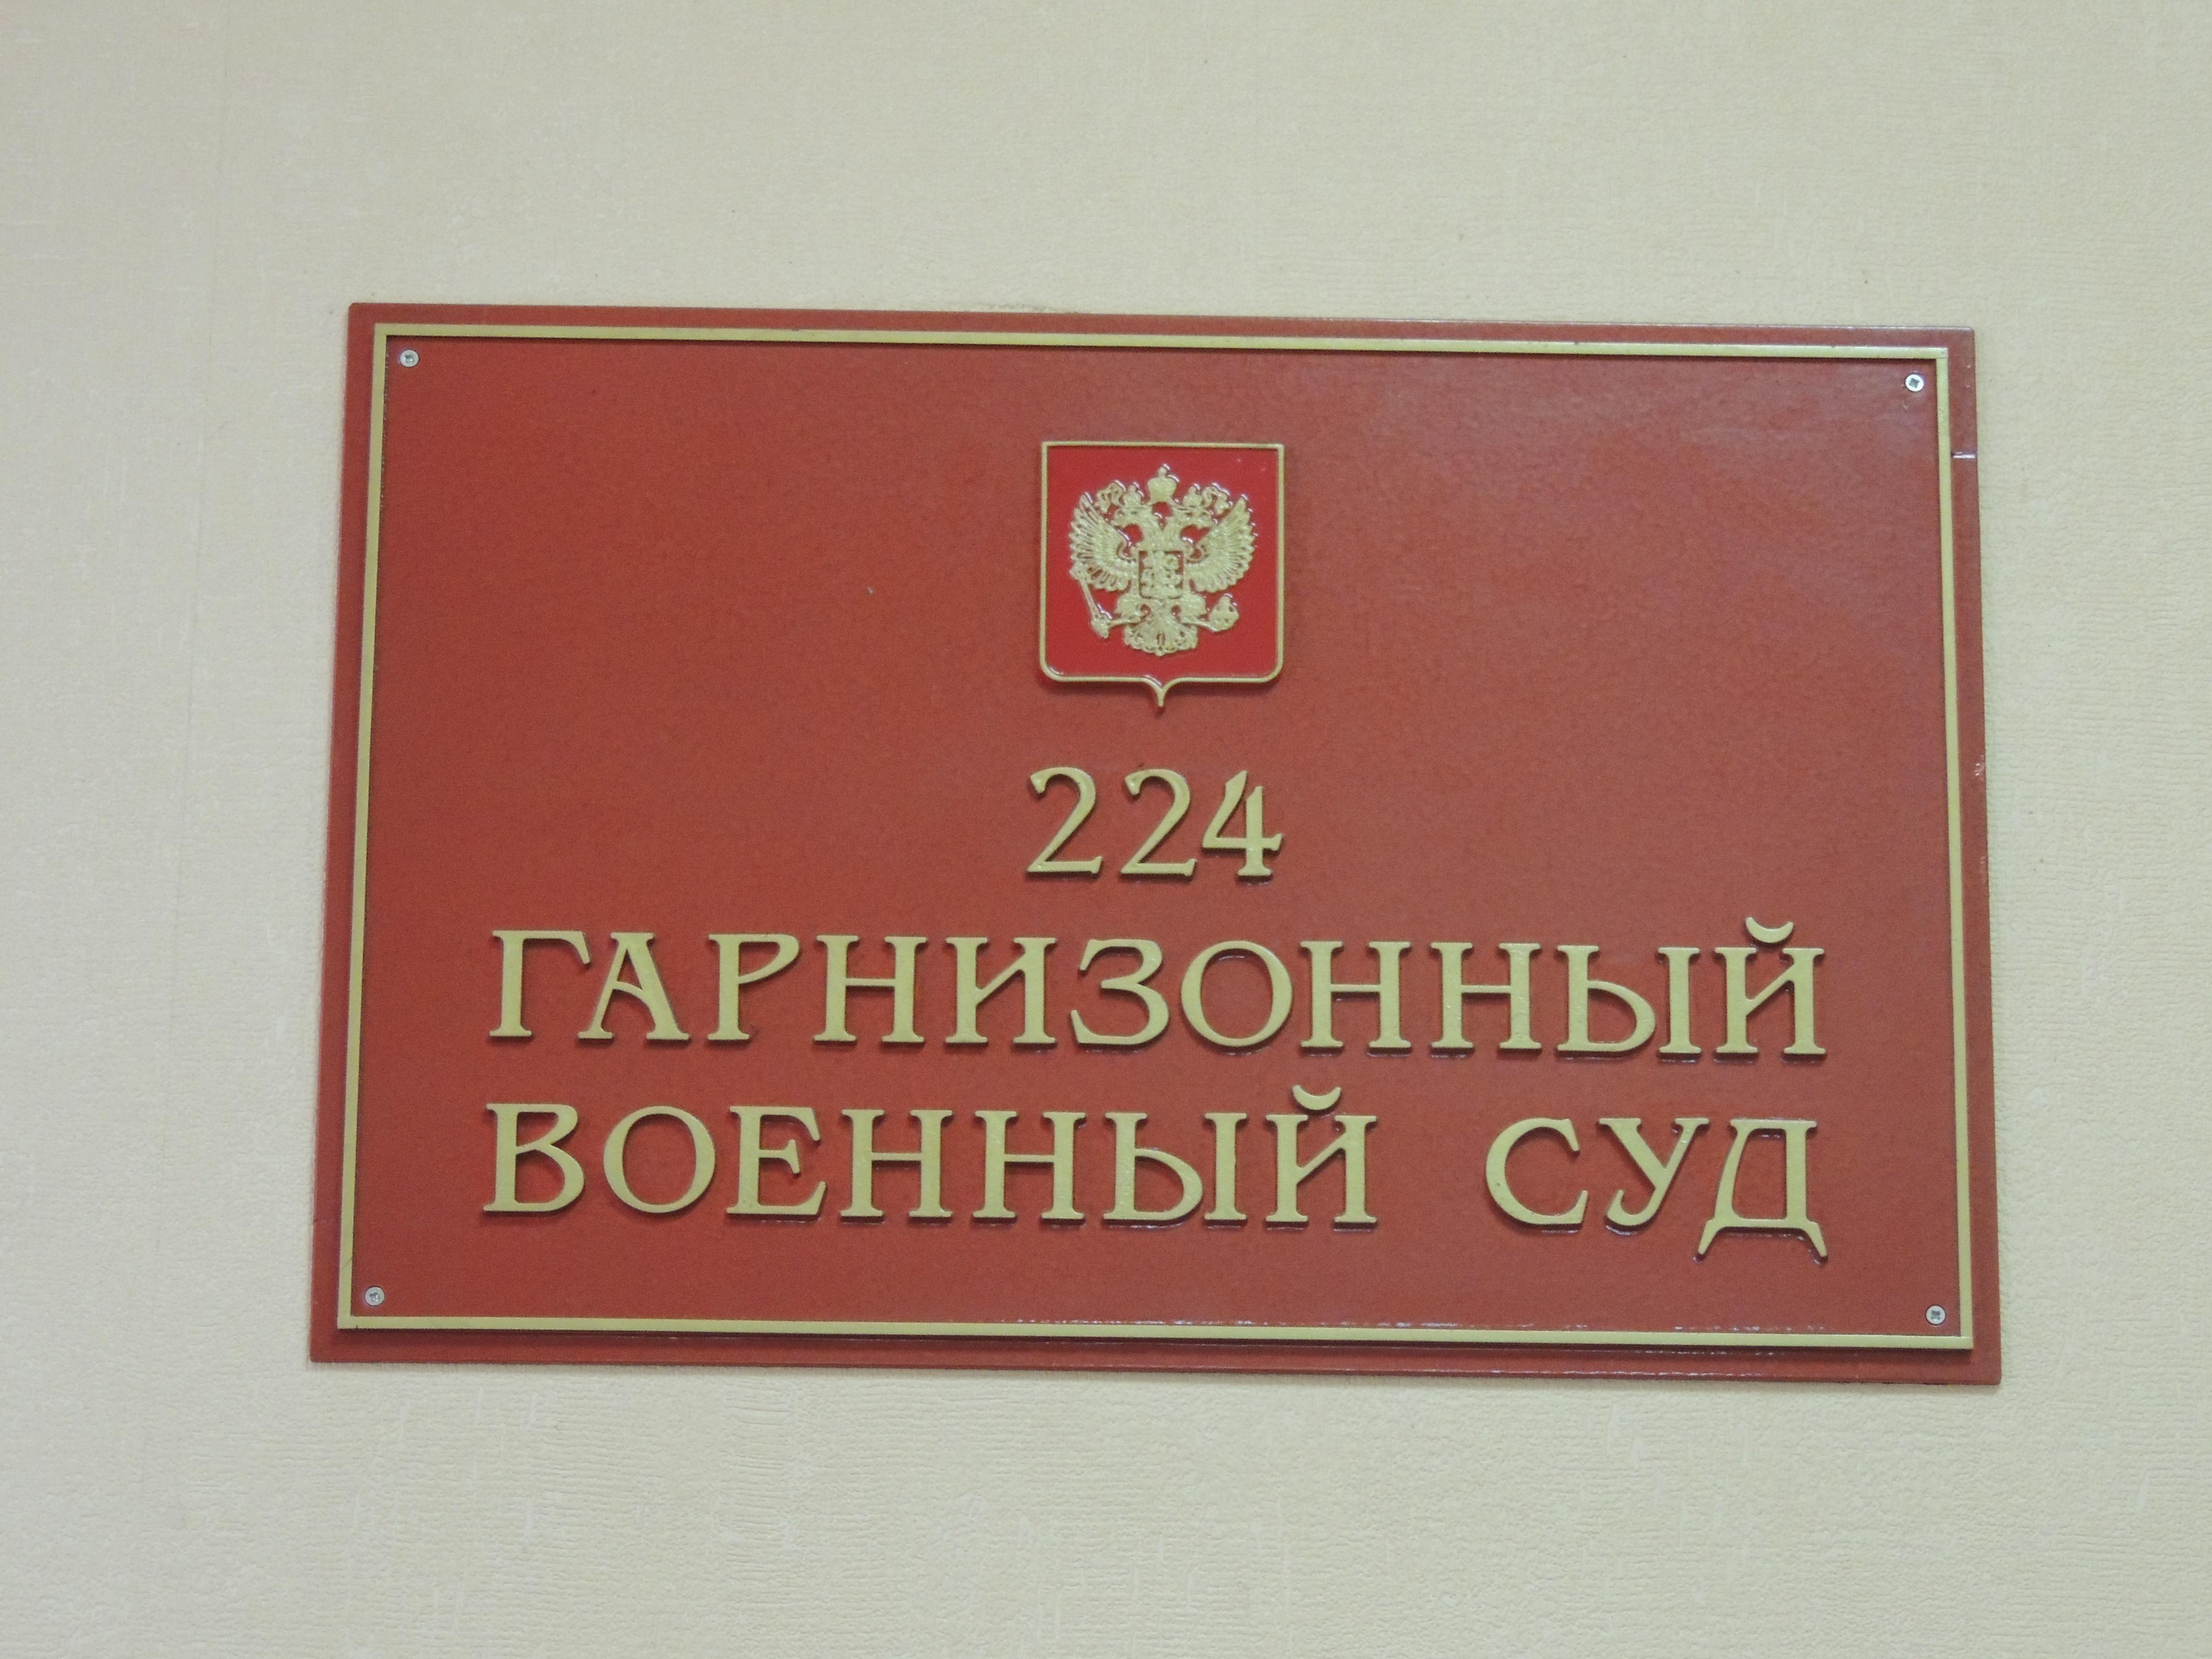 224 гарнизонный военный суд